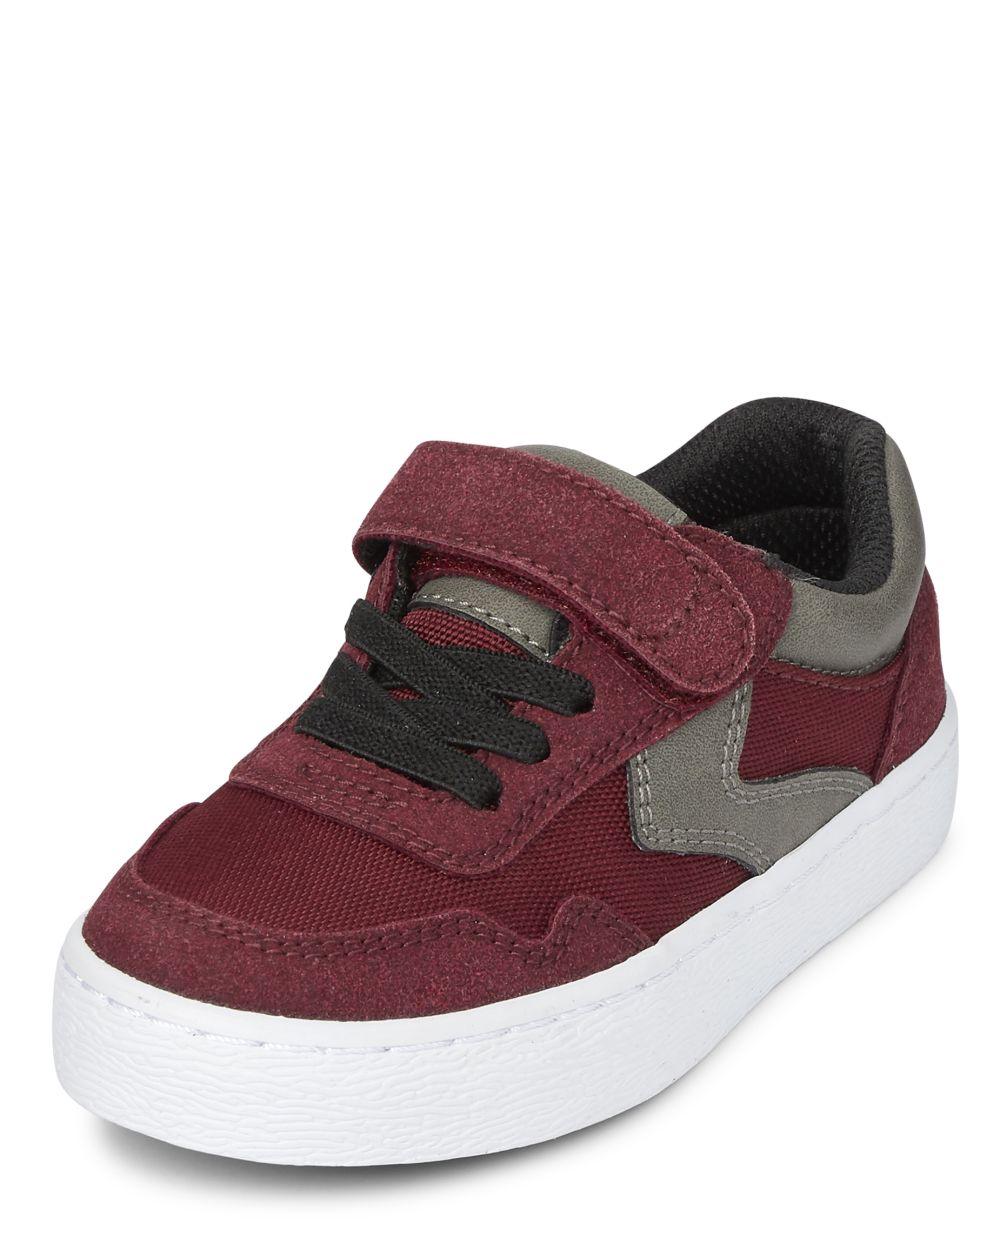 Toddler Boys Colorblock Low Top Sneakers